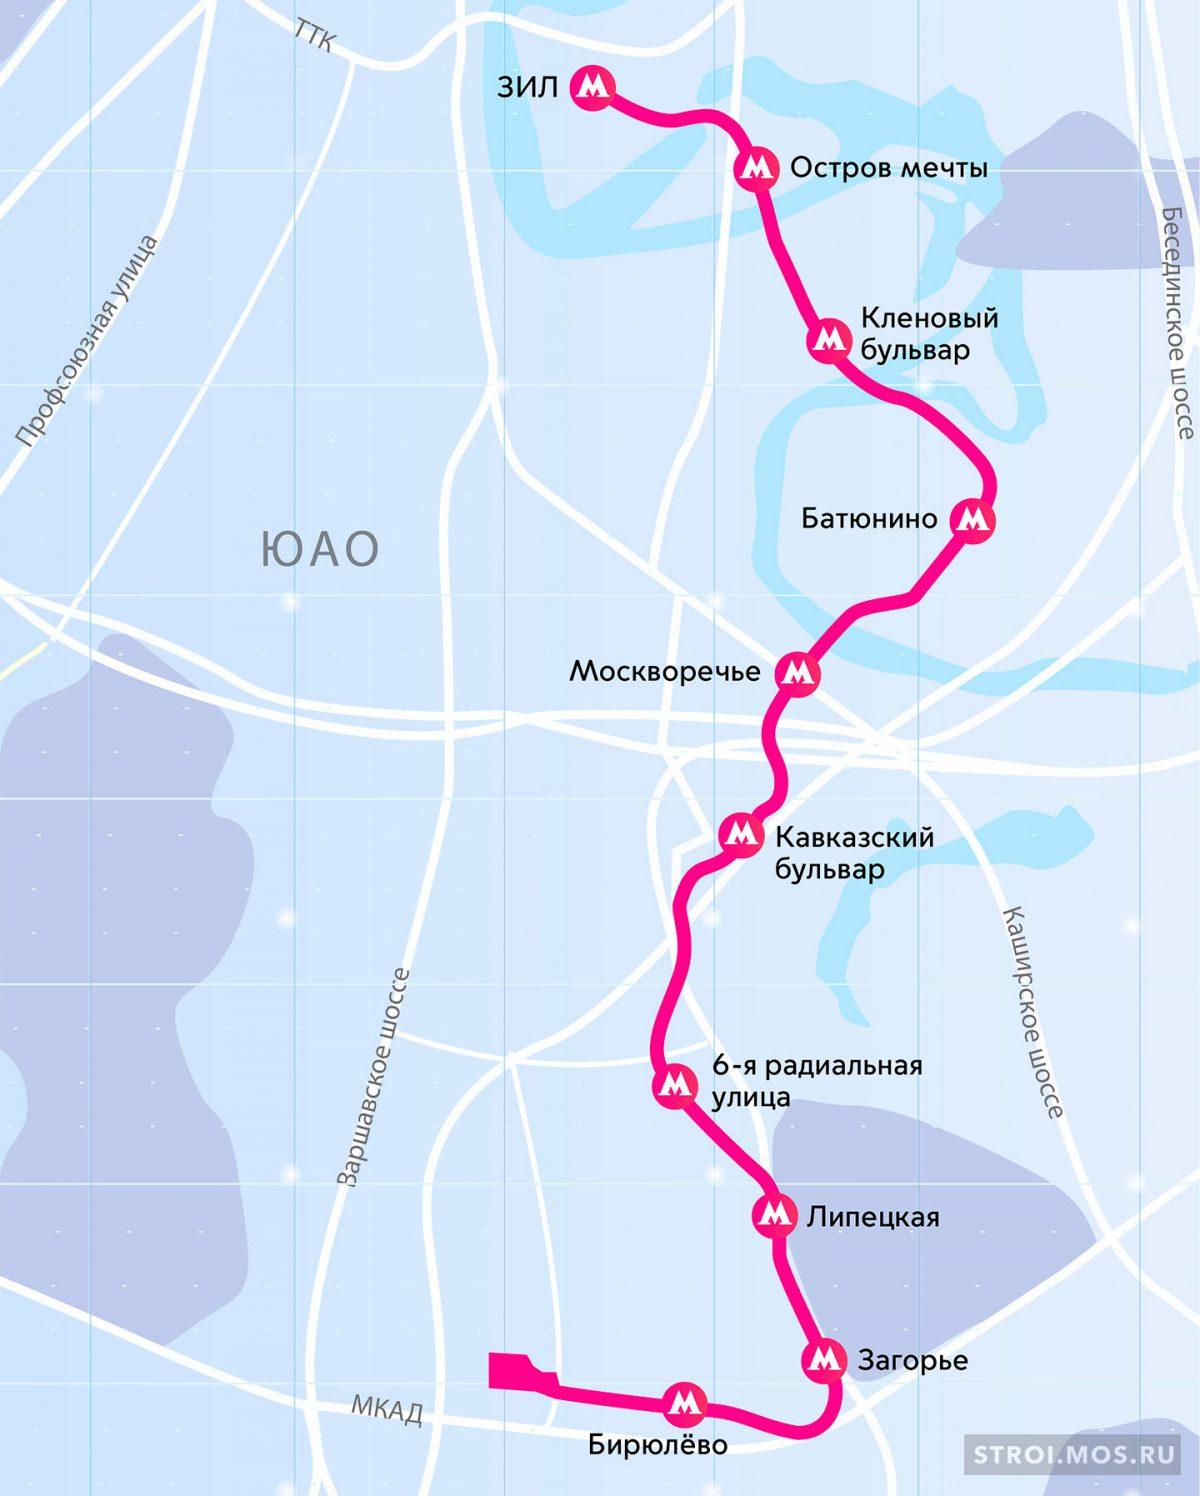 Бирюлёвской линия метро на карте